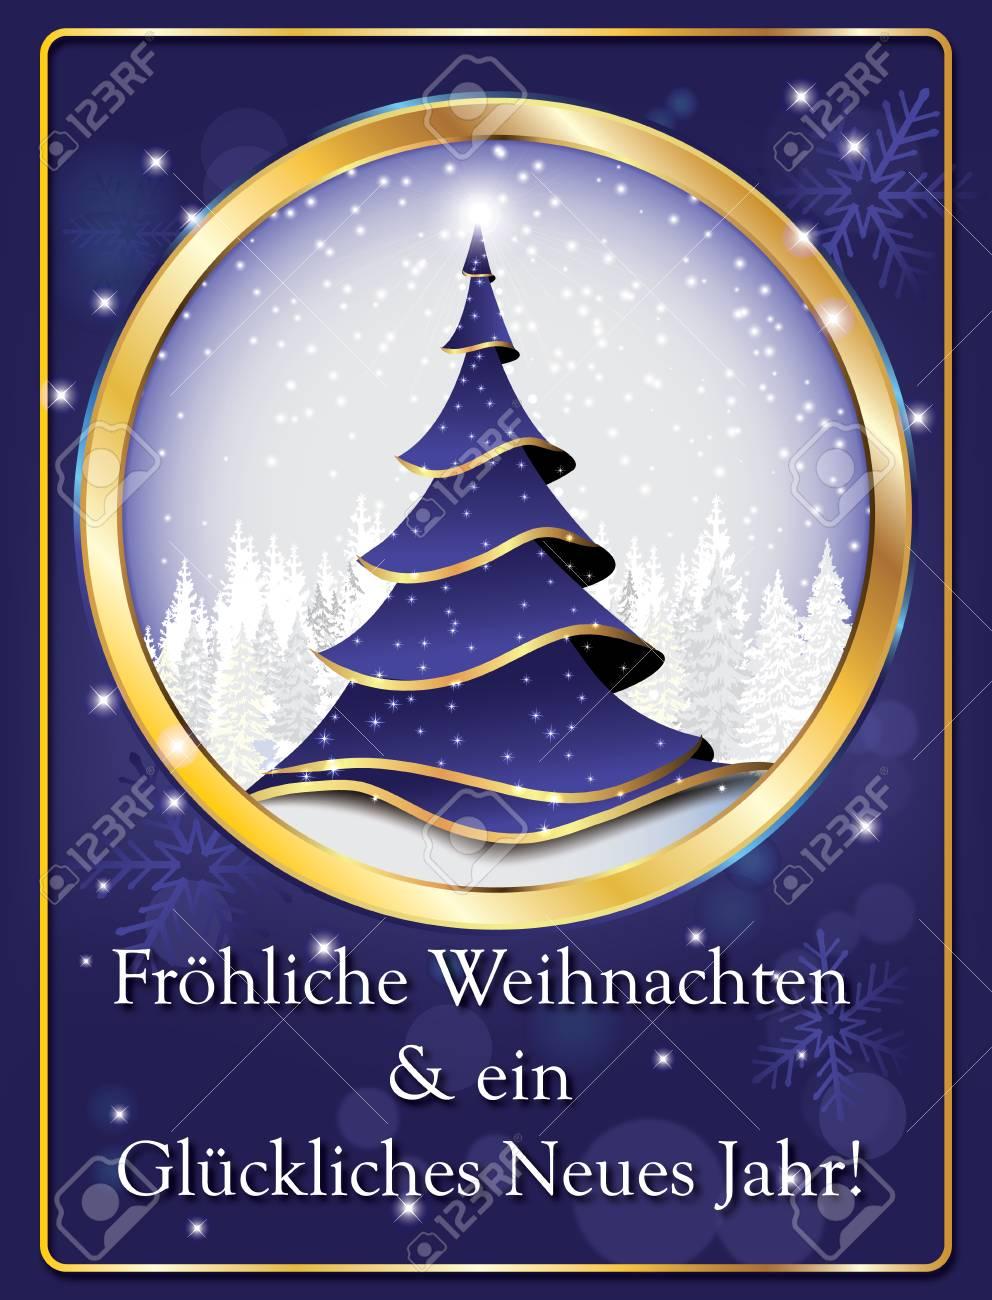 Elegante Purpurrote Grußkarte Für Das Neue Jahr Mit Text In Der ...